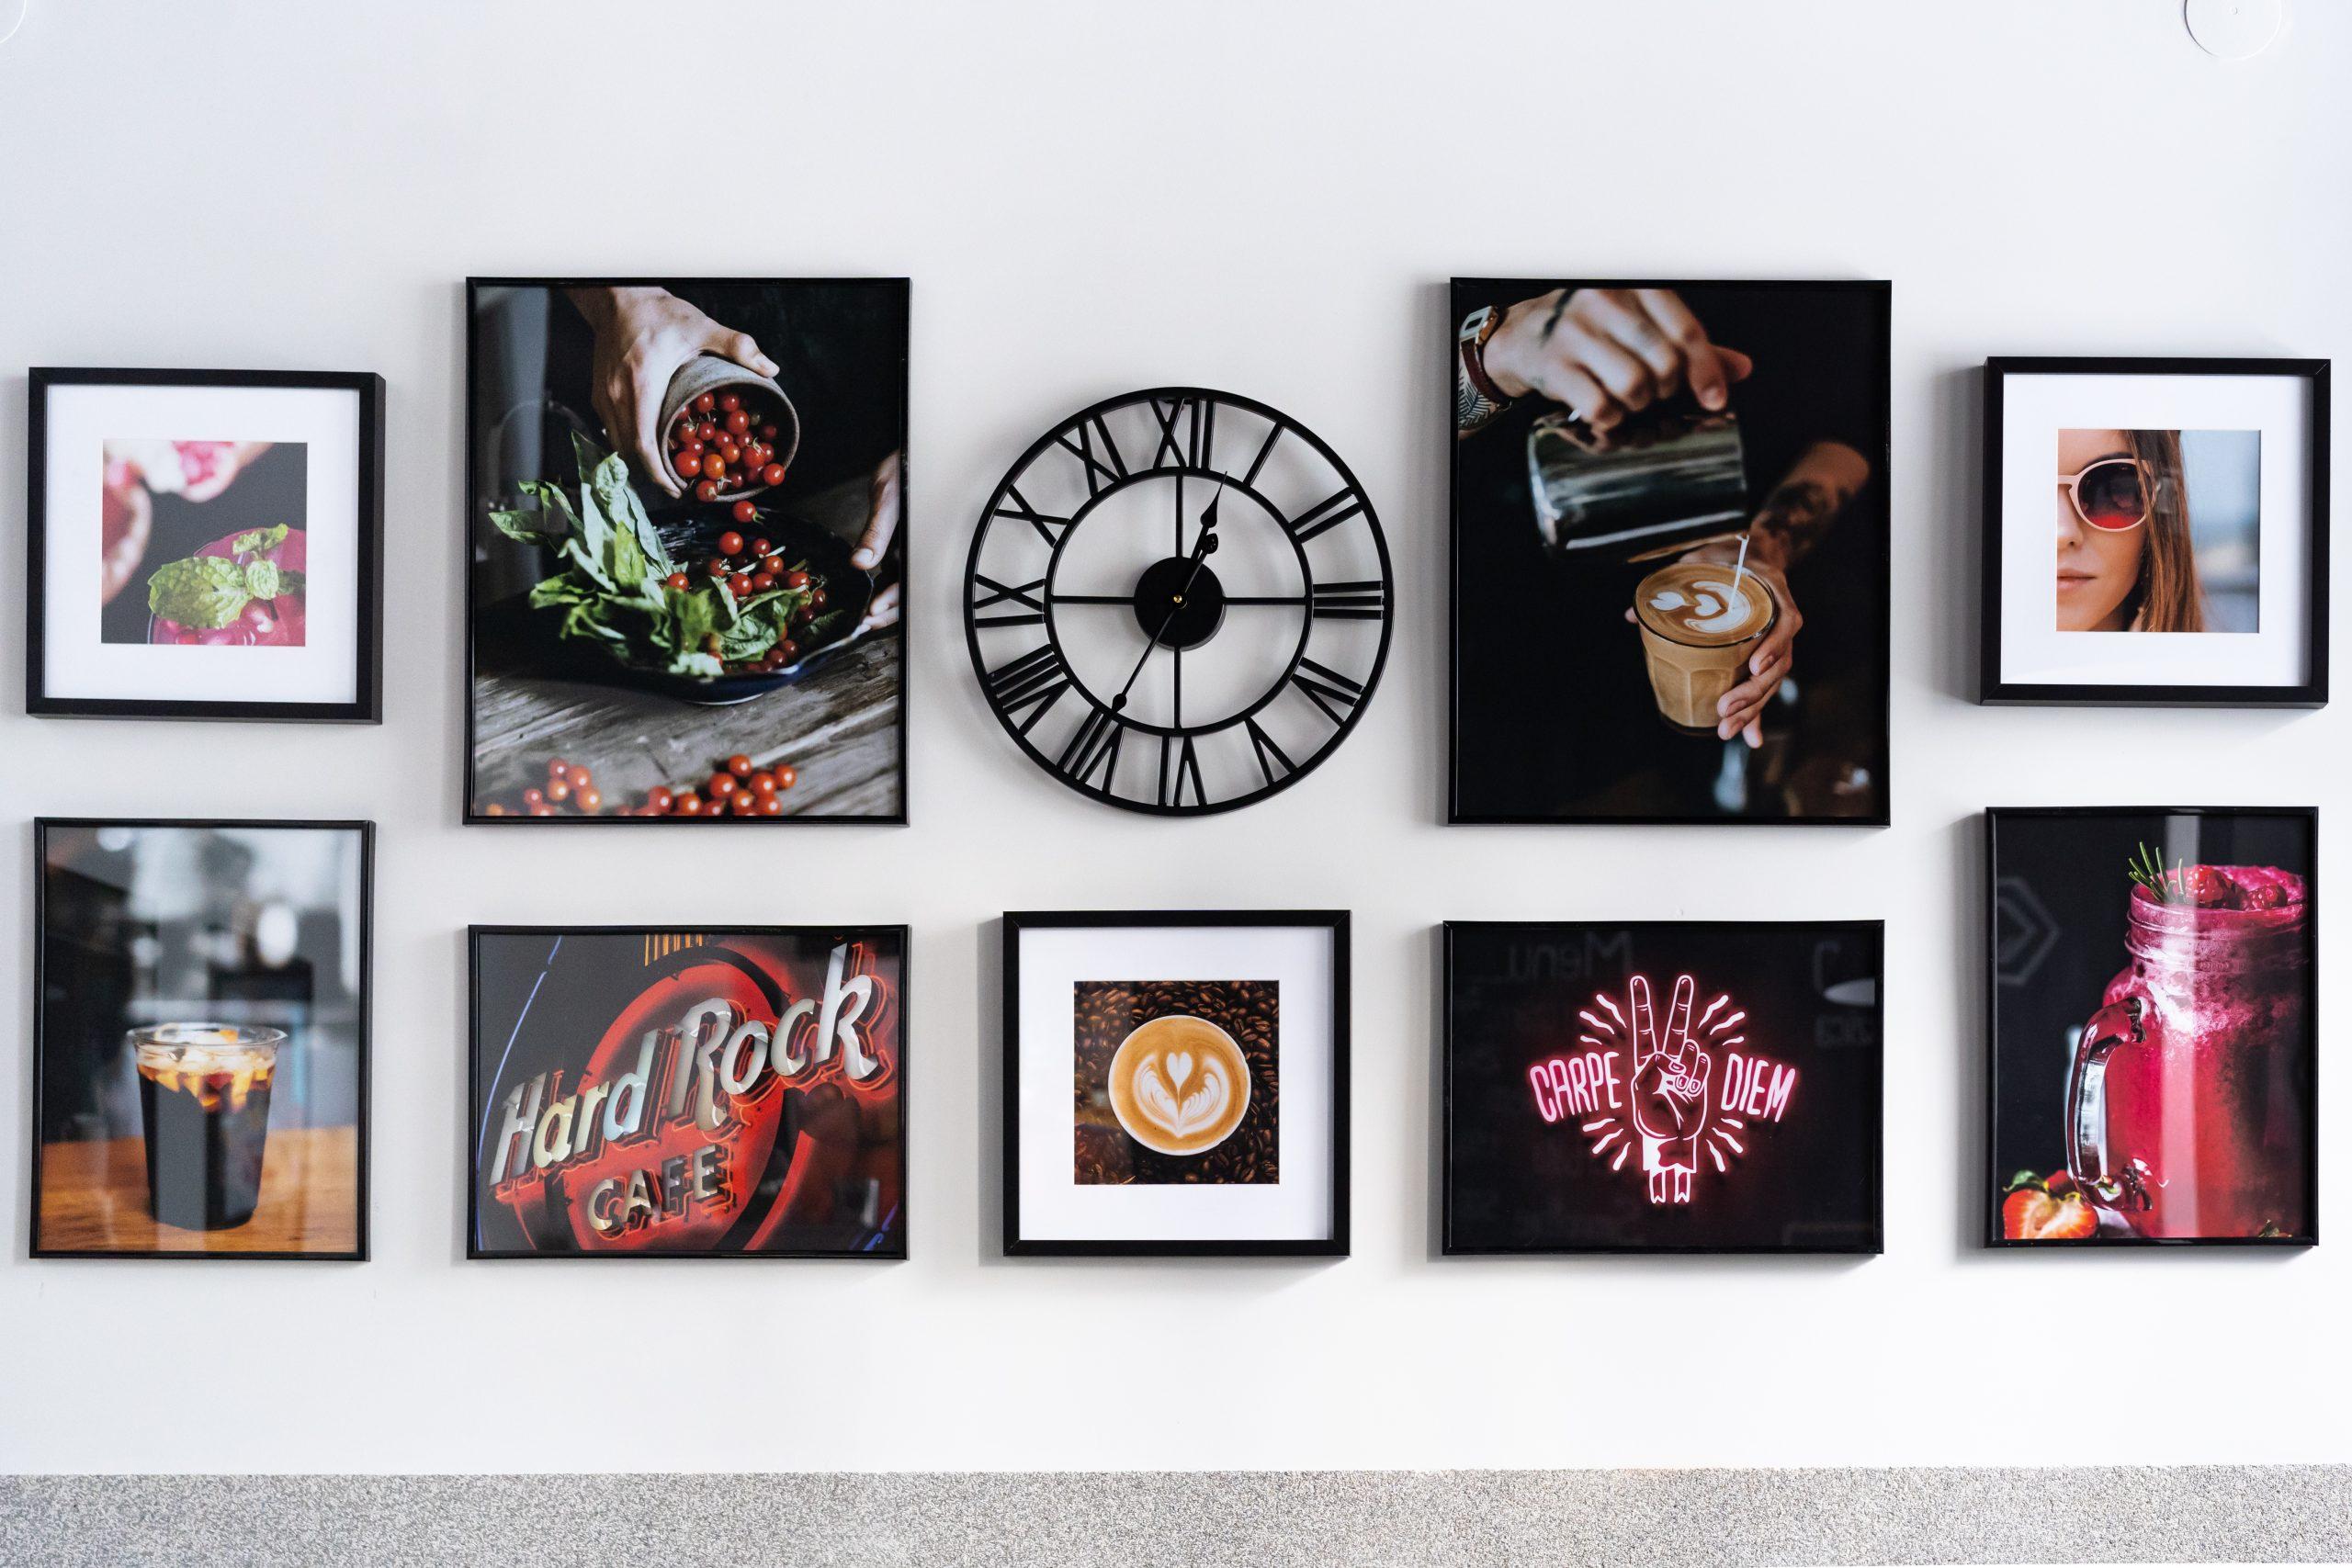 elementy dekoracyjne na ścinanie, zdjęcia w czarnych ramkach, czarny zegar